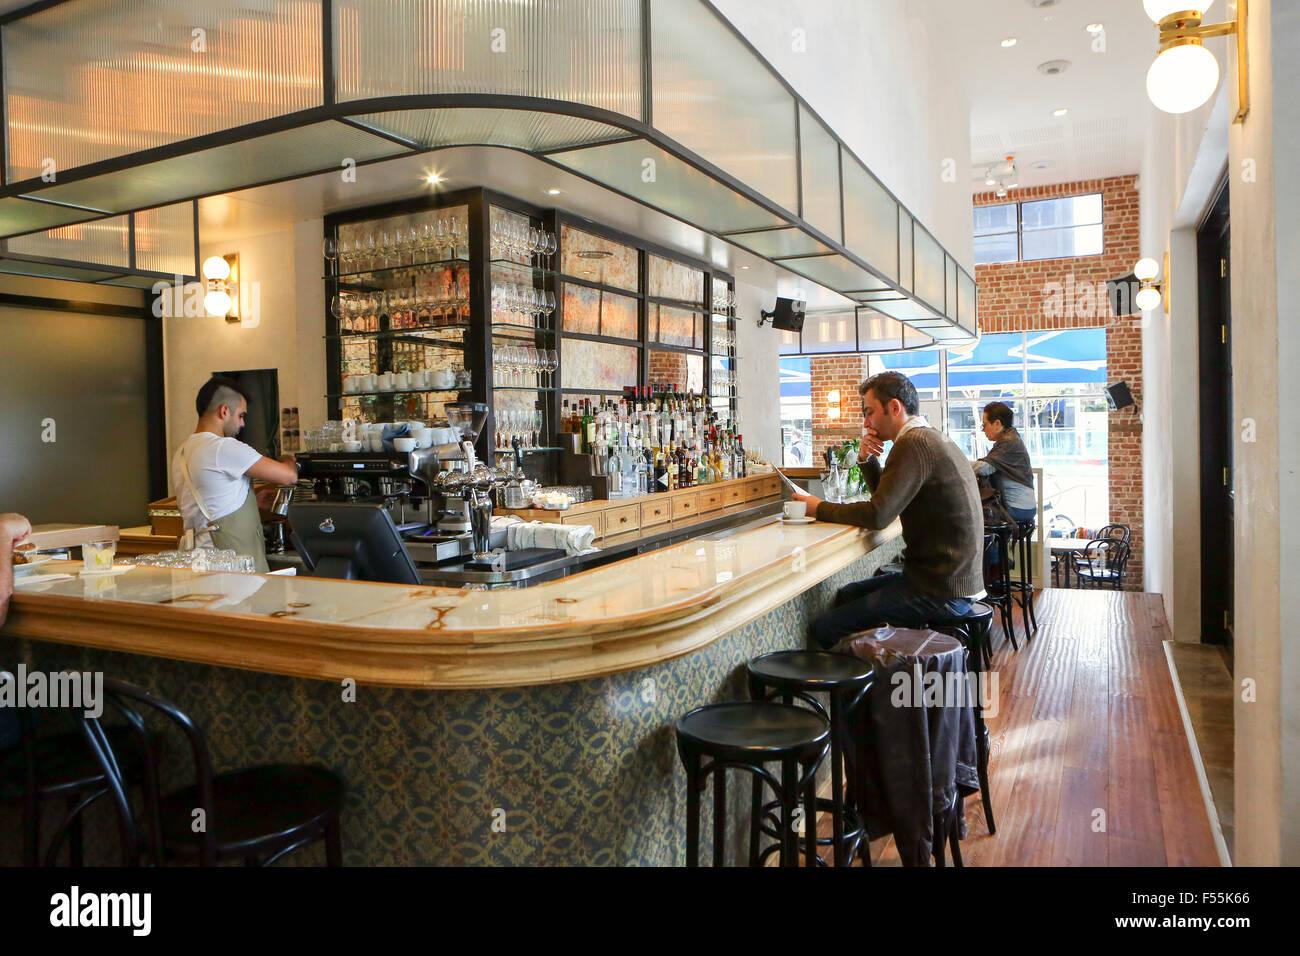 L'intérieur d'un café dans le Boulevard Rothschild, Tel Aviv, Israël Banque D'Images